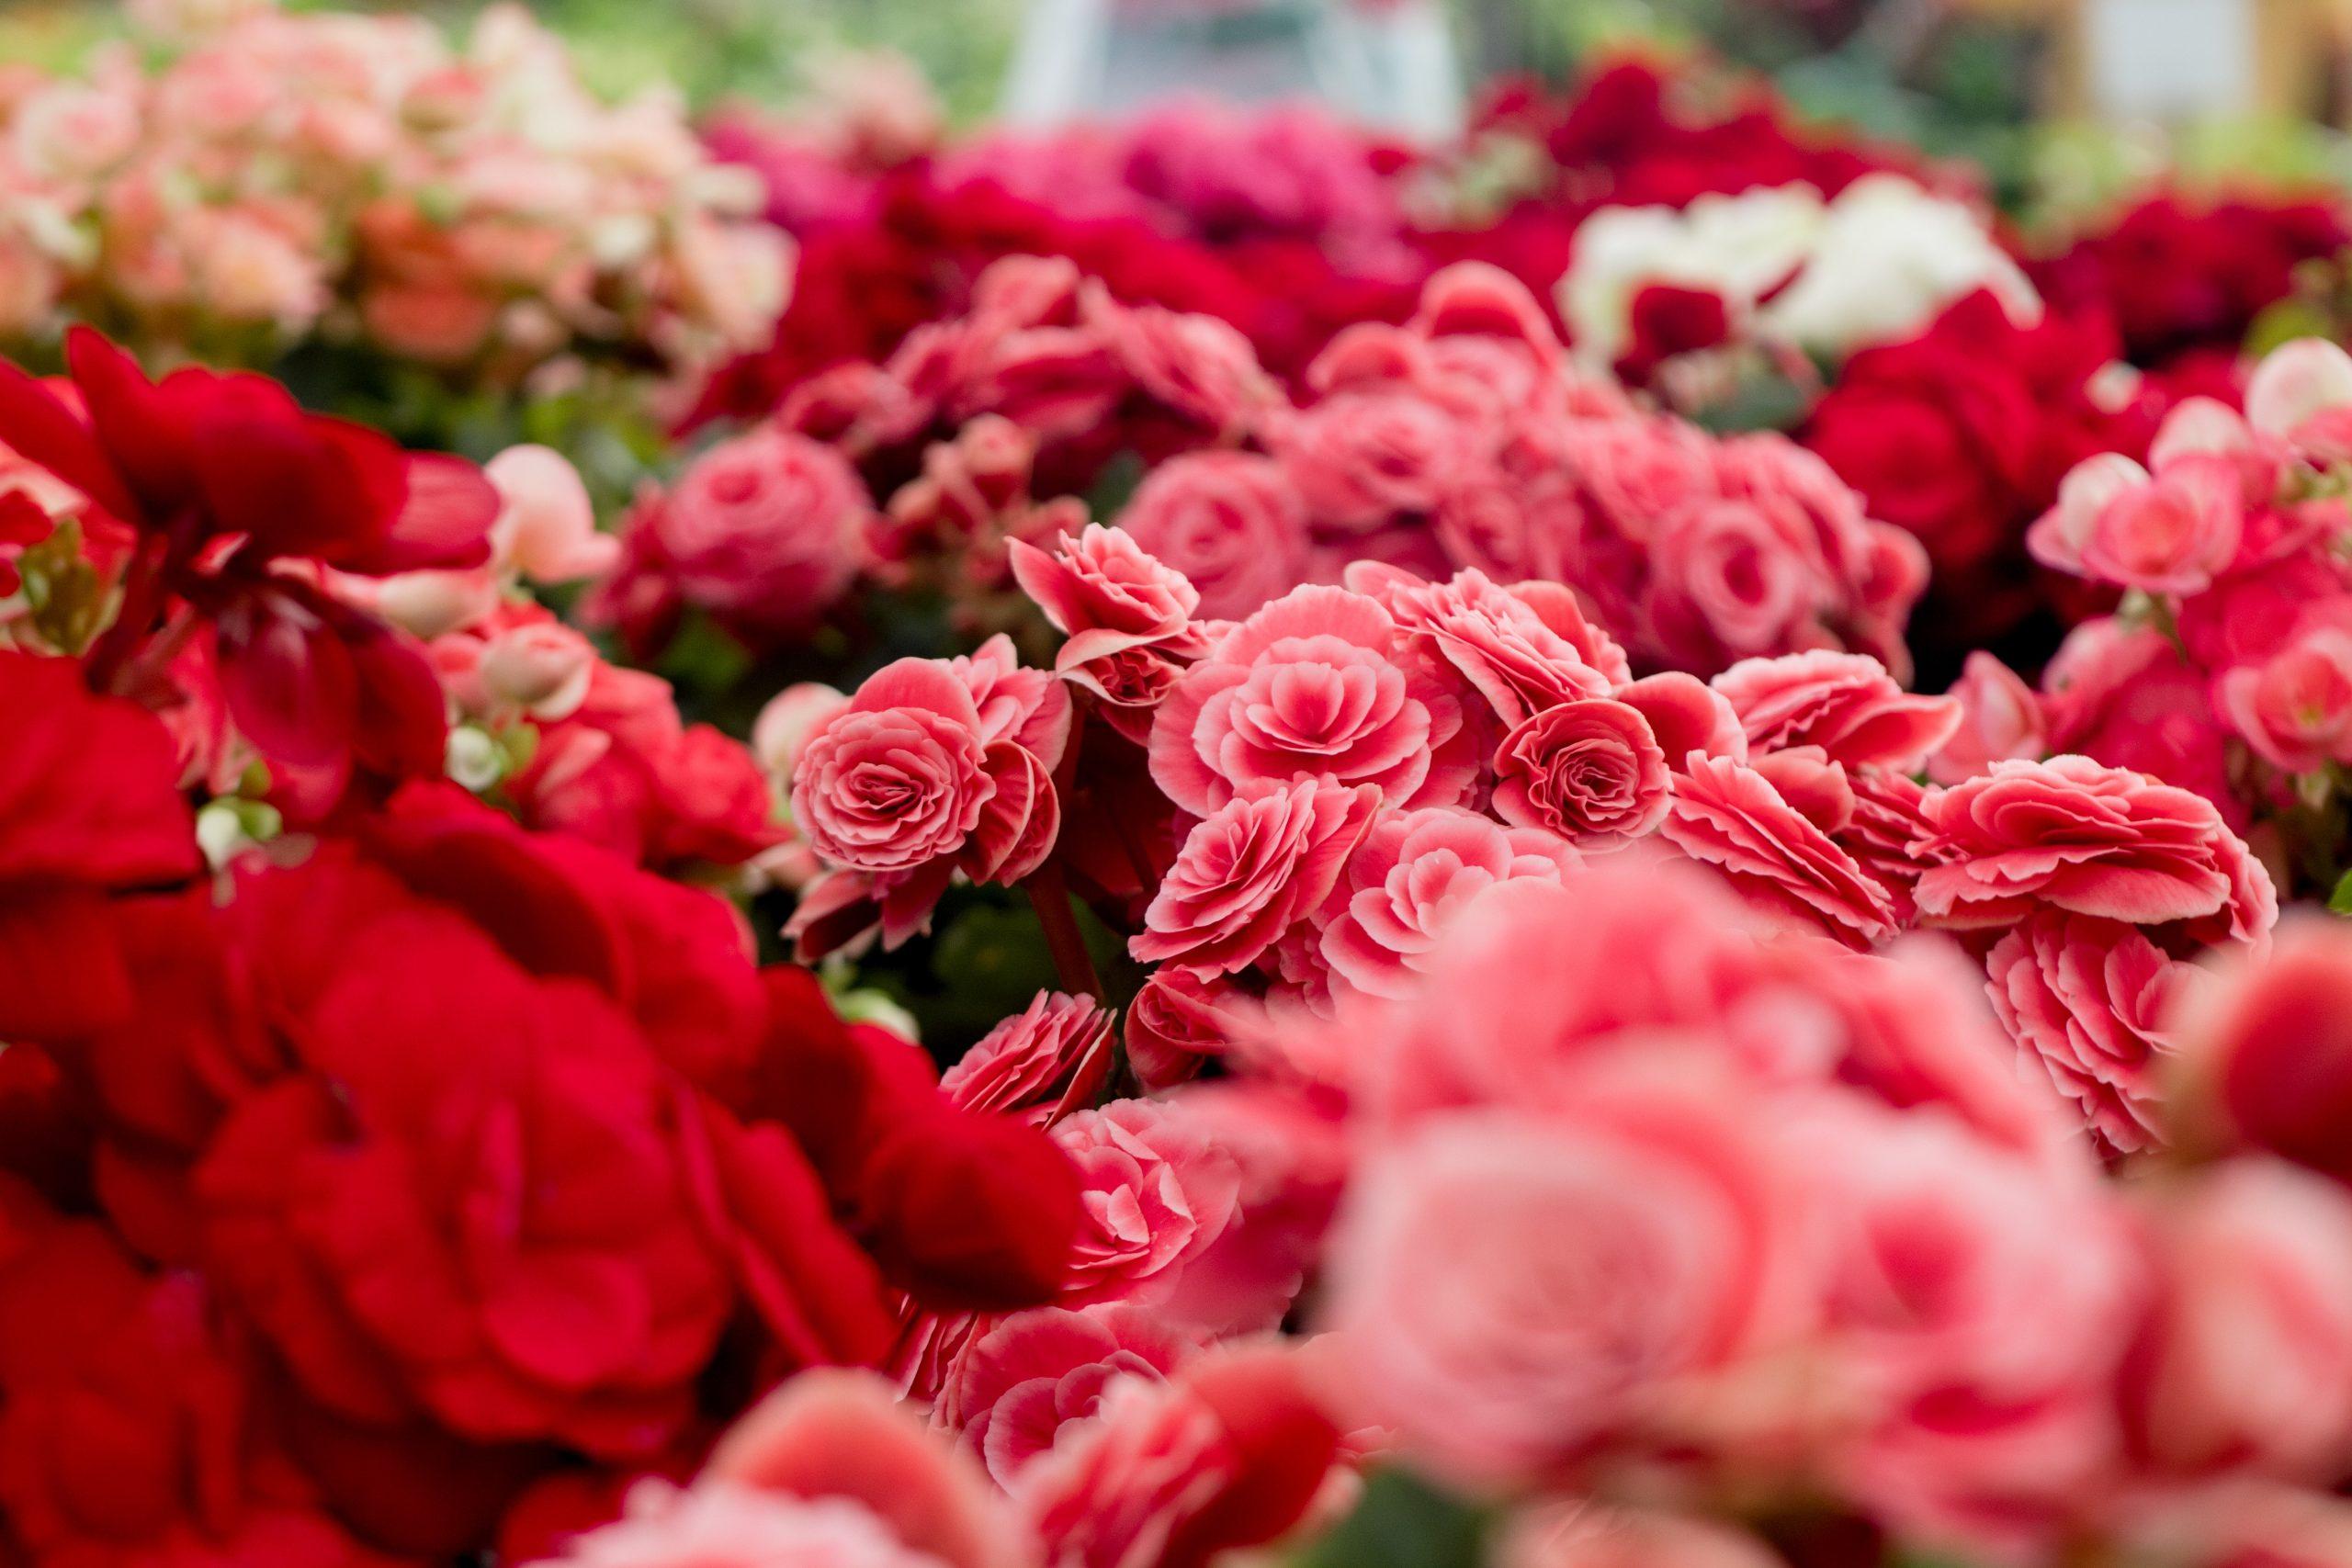 Lo que nadie te cuenta para tener tus flores frescas por más tiempo